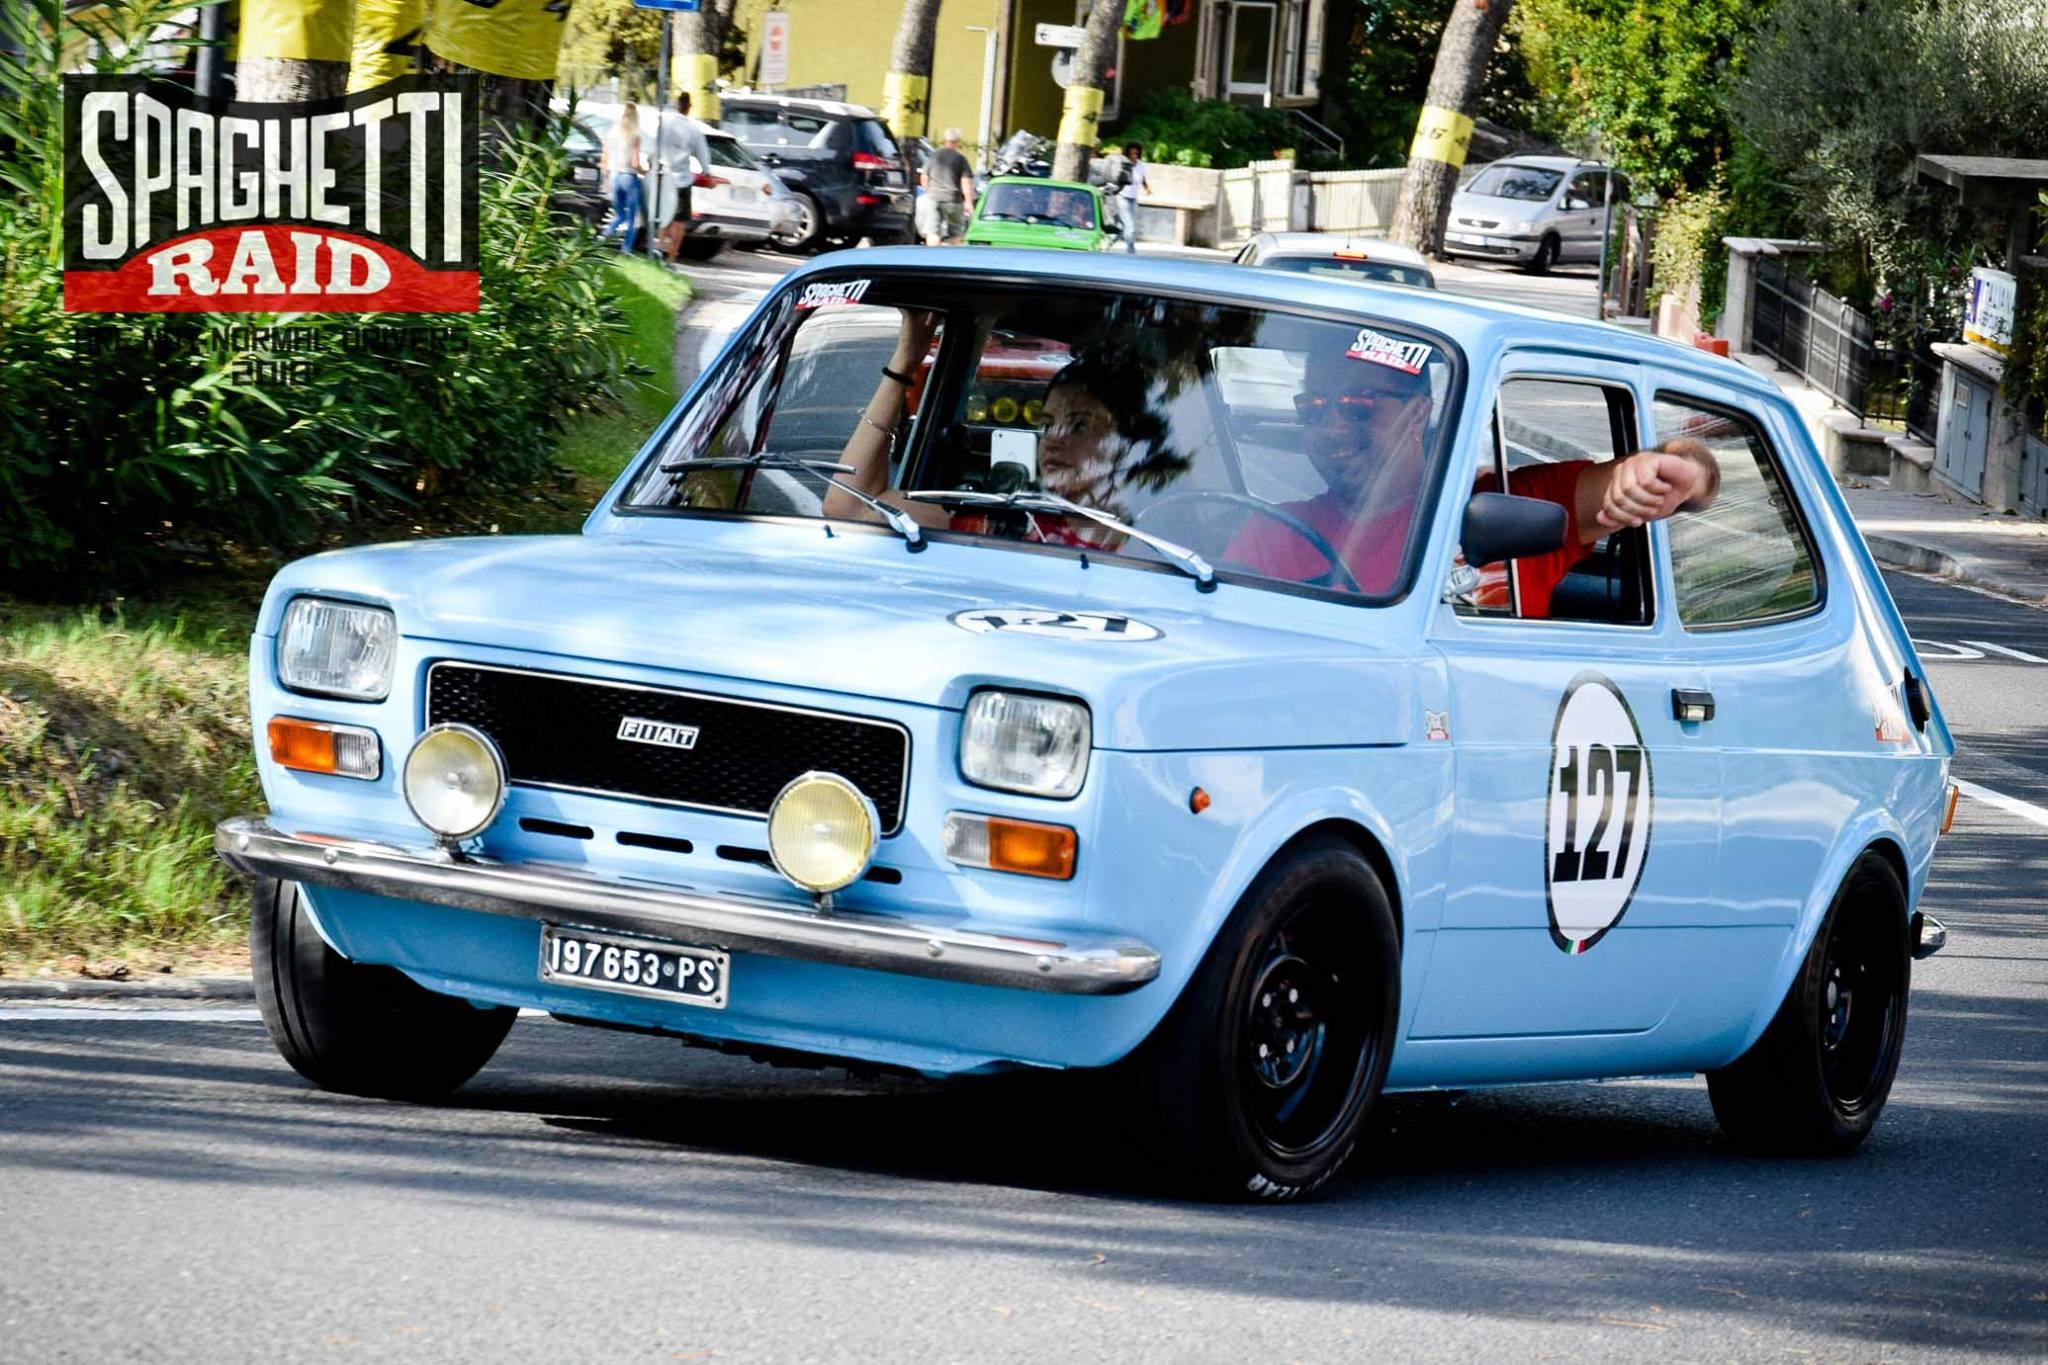 Team PORTUNO #127 FIAT 127 903cc del '77 Città: Pesaro